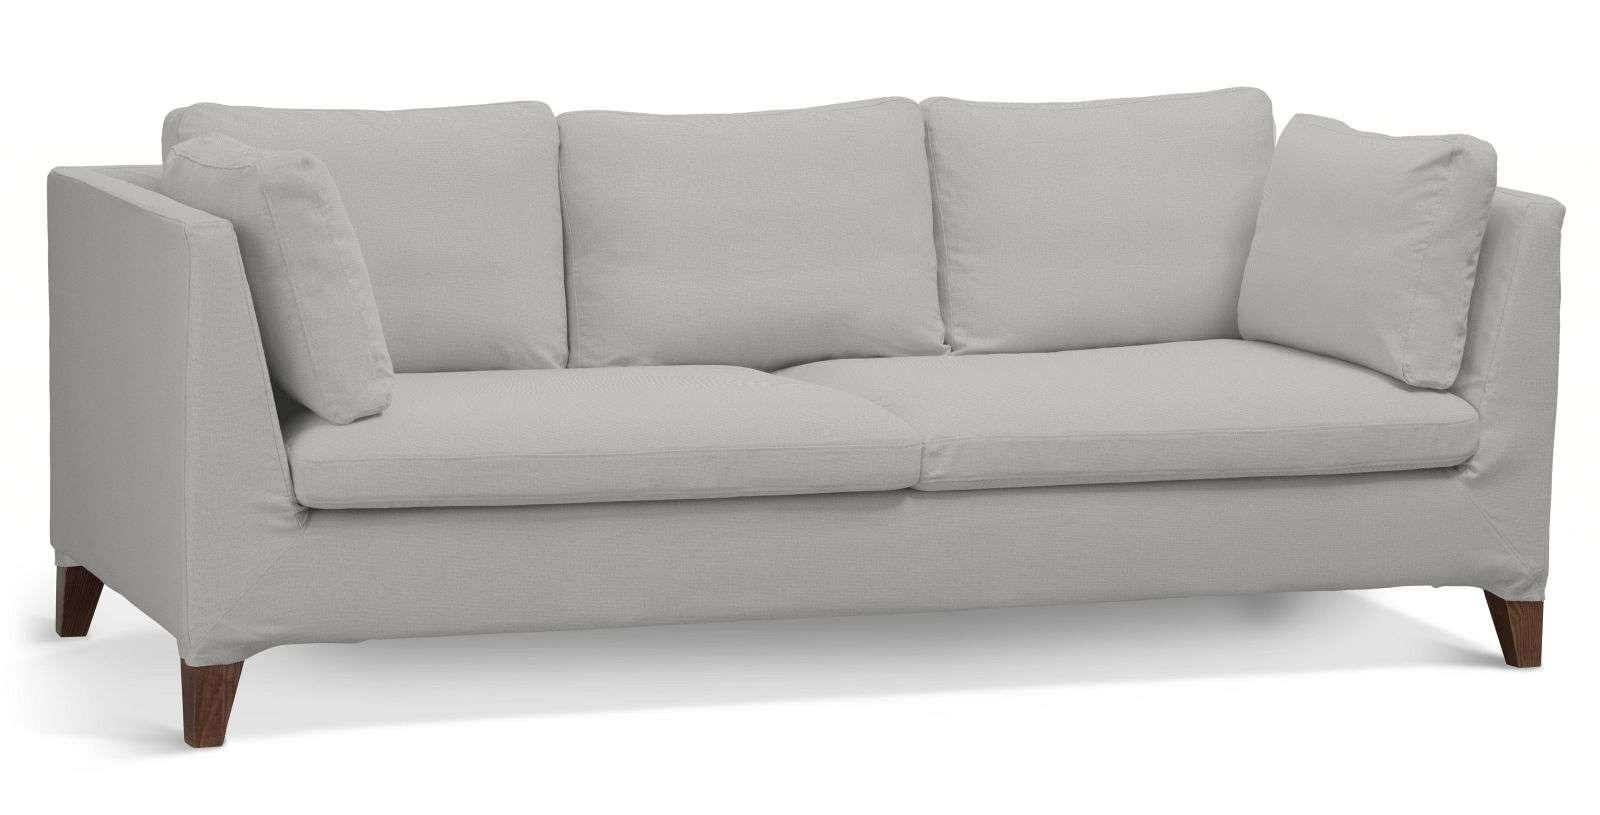 Pokrowiec na sofę Stockholm 3-osobową sofa Stockholm 3-osobowa w kolekcji Etna , tkanina: 705-90